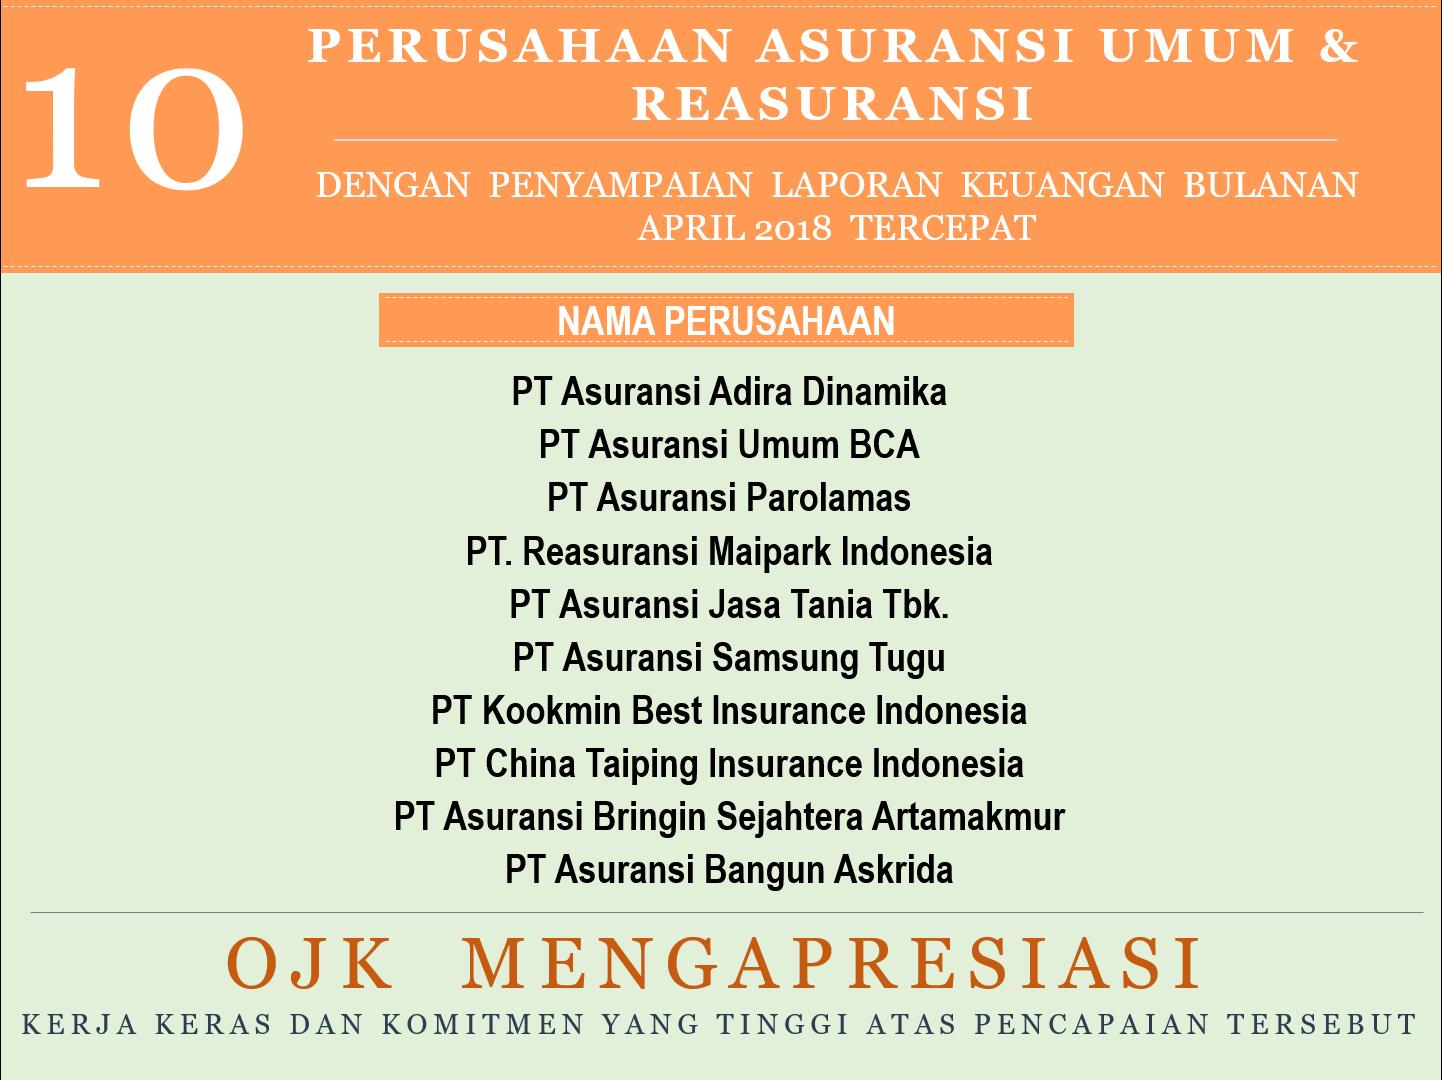 Perusahaan Asuransi Jiwa Asuransi Umum Dan Reasuransi Dengan Penyampaian Laporan Keuangan Bulanan Periode April 2018 Tercepat